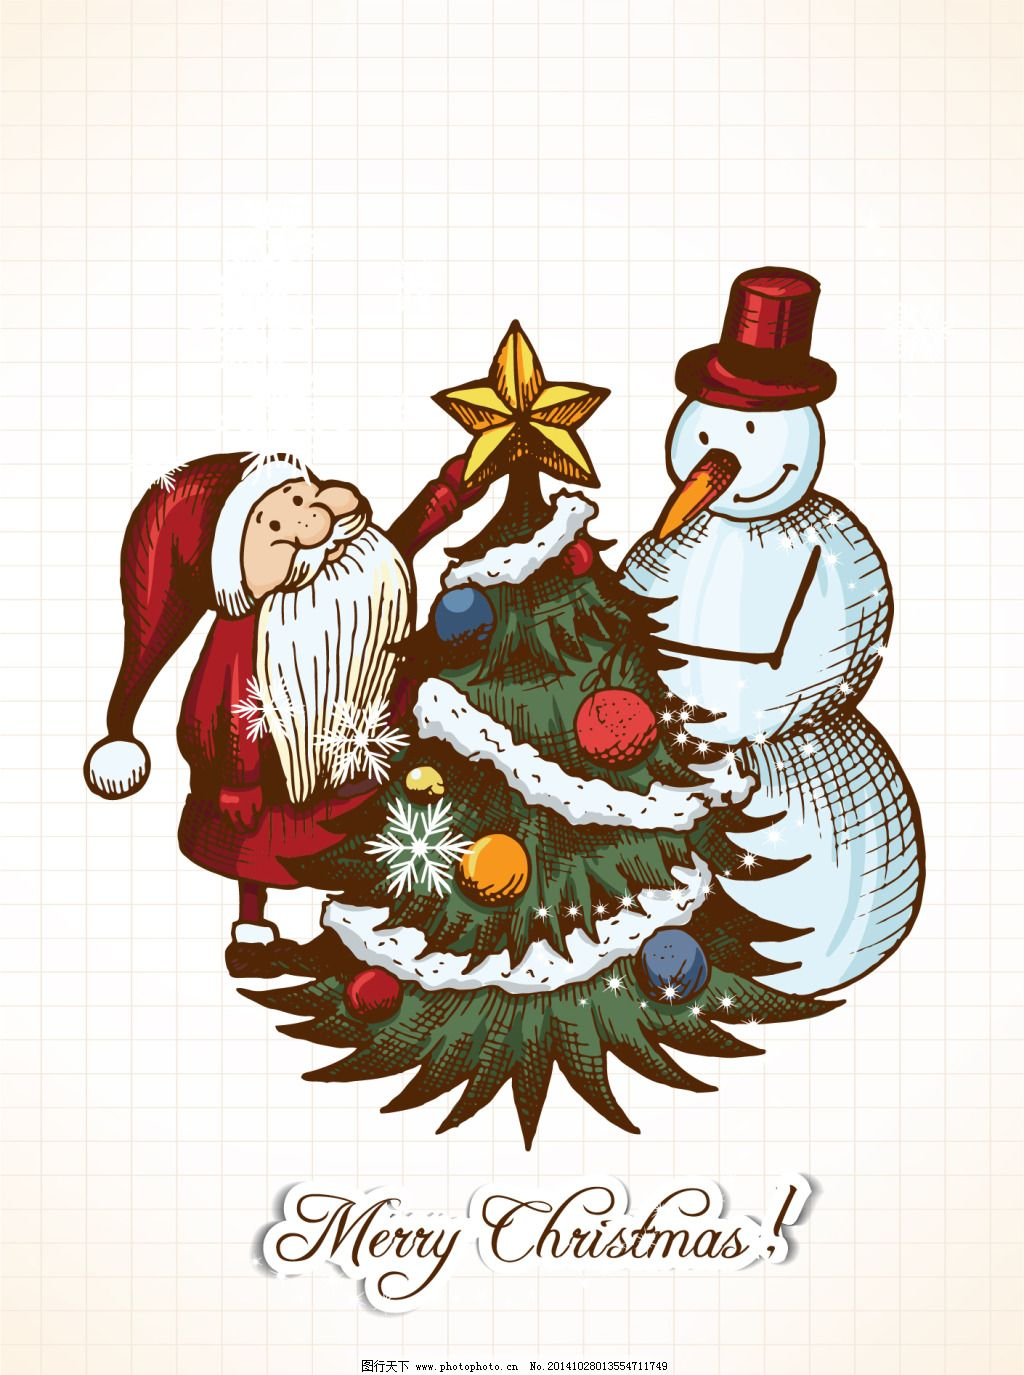 手绘温馨圣诞节免费下载